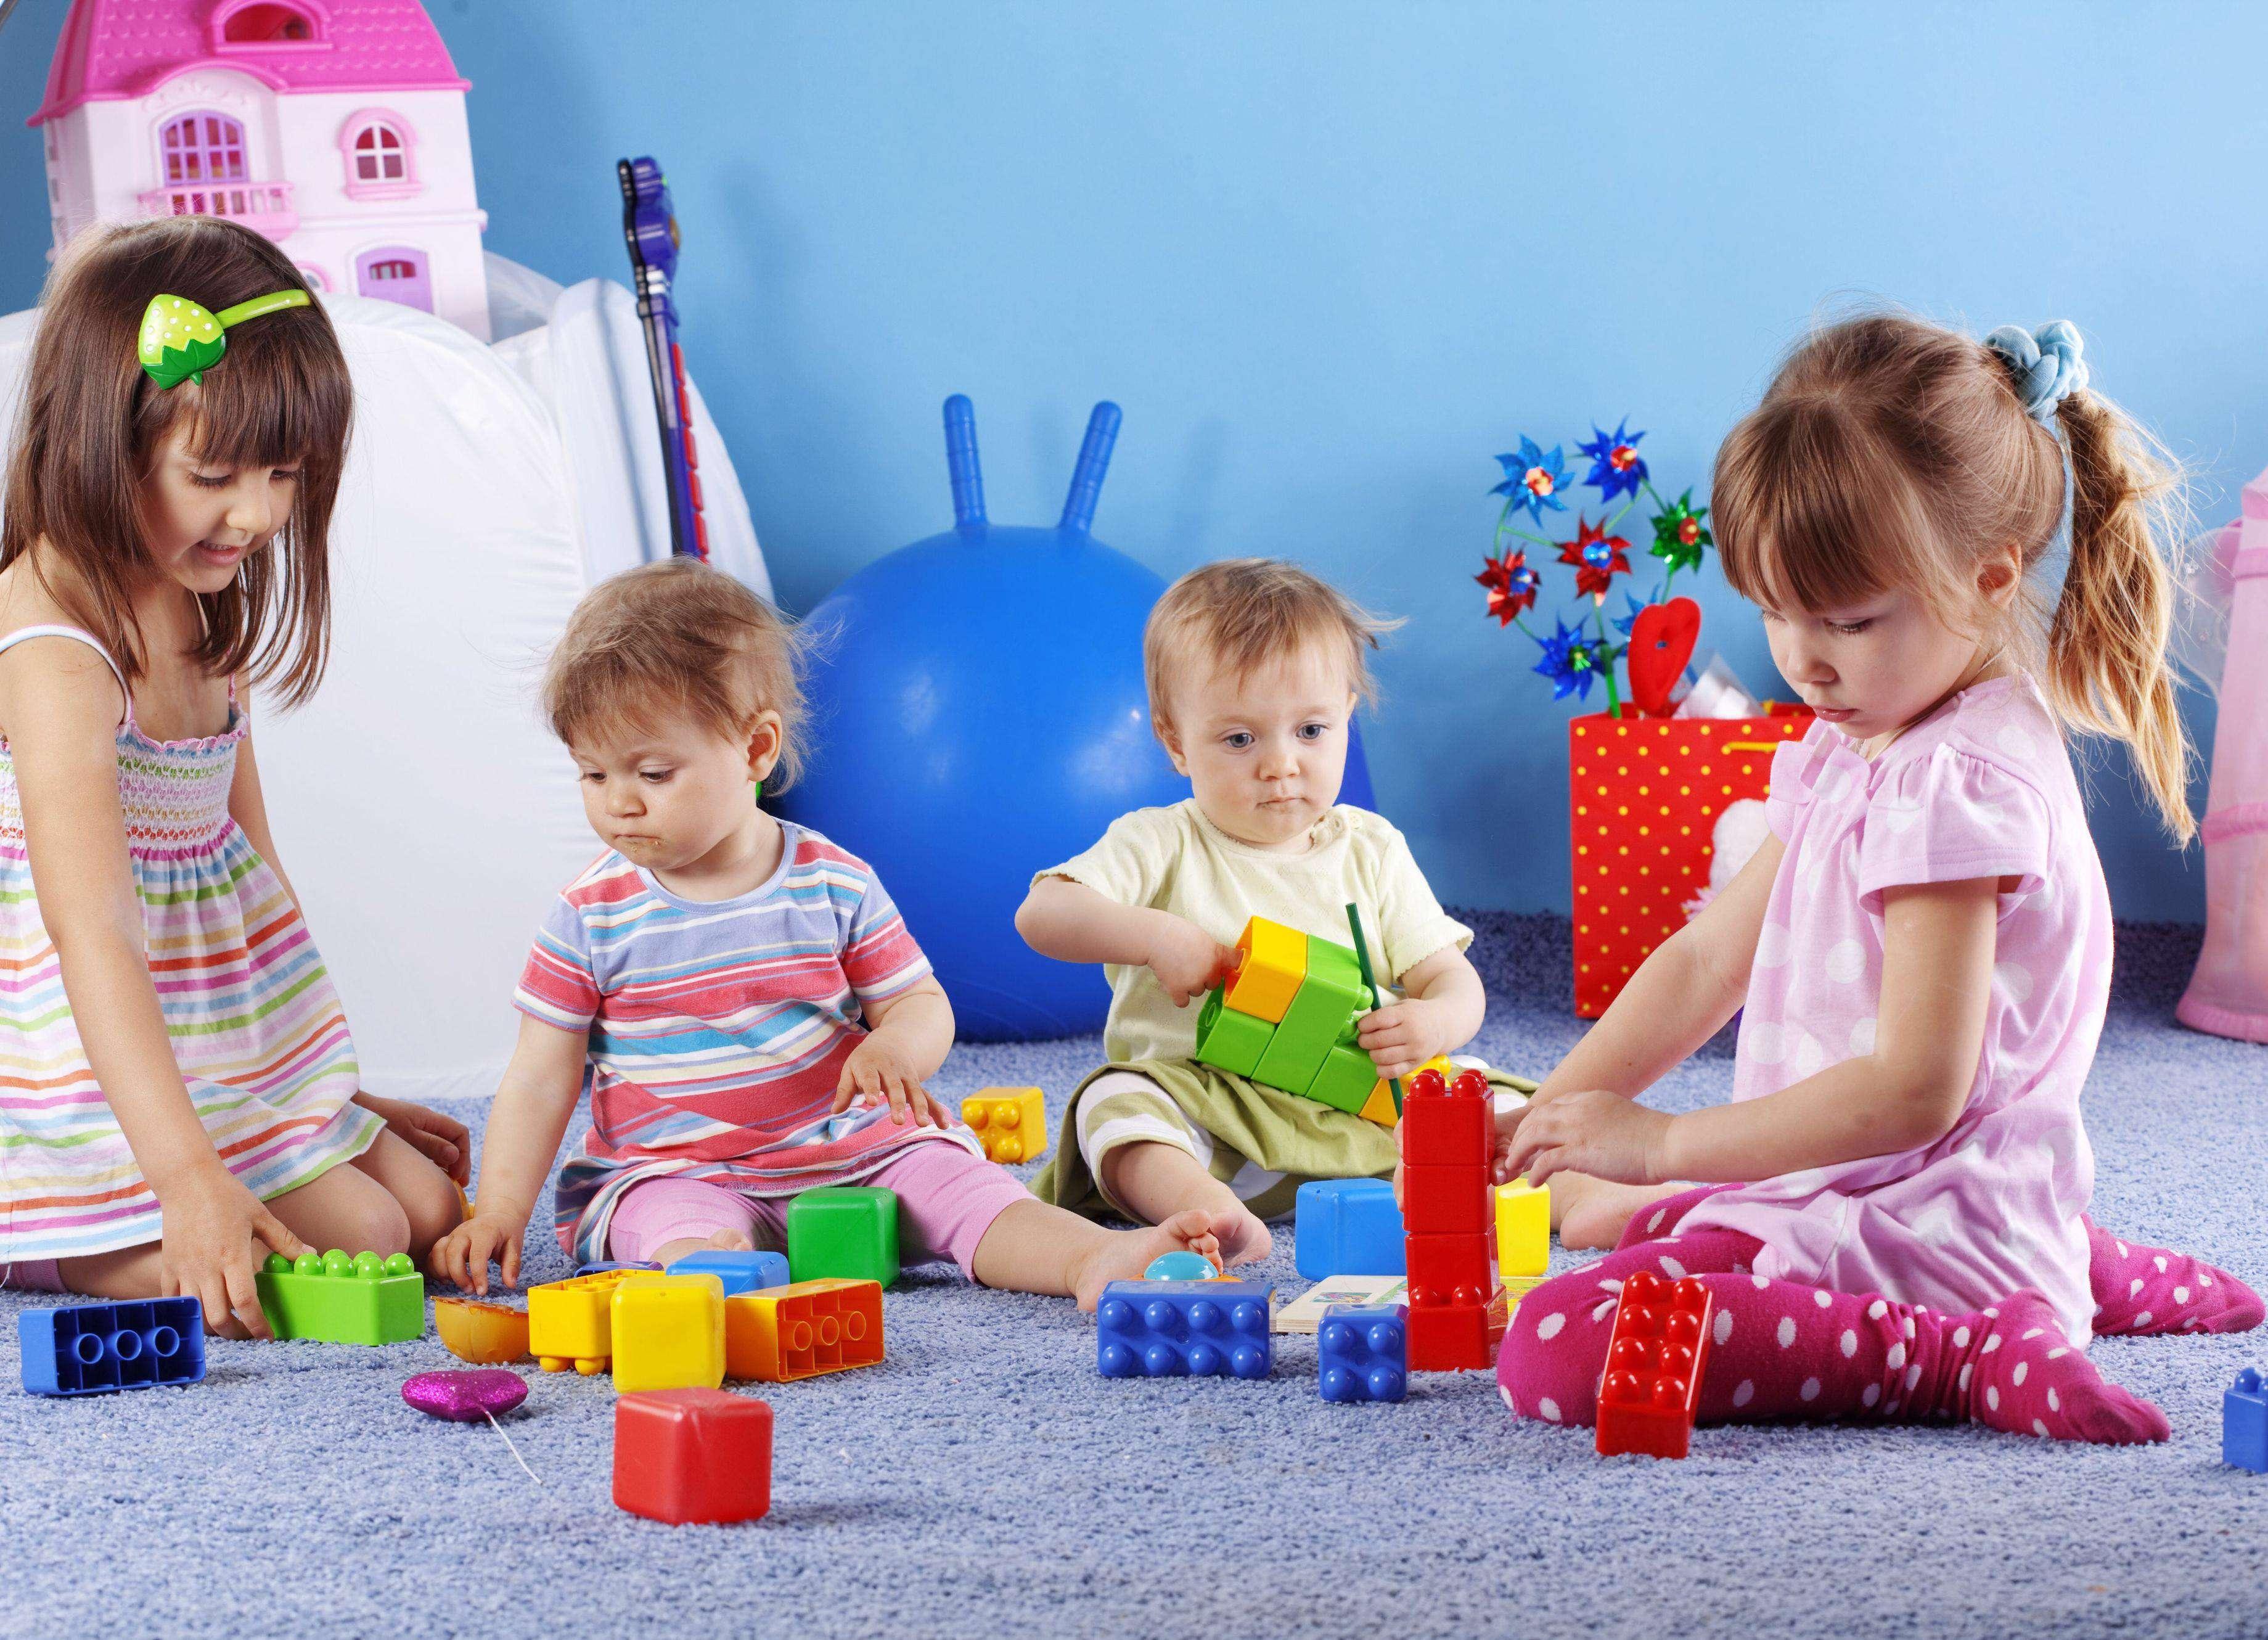 کودک، بازی، عروسک، مهارت بازی،دختر و پسر، خانواده ایرانی،دنیای کودکانه